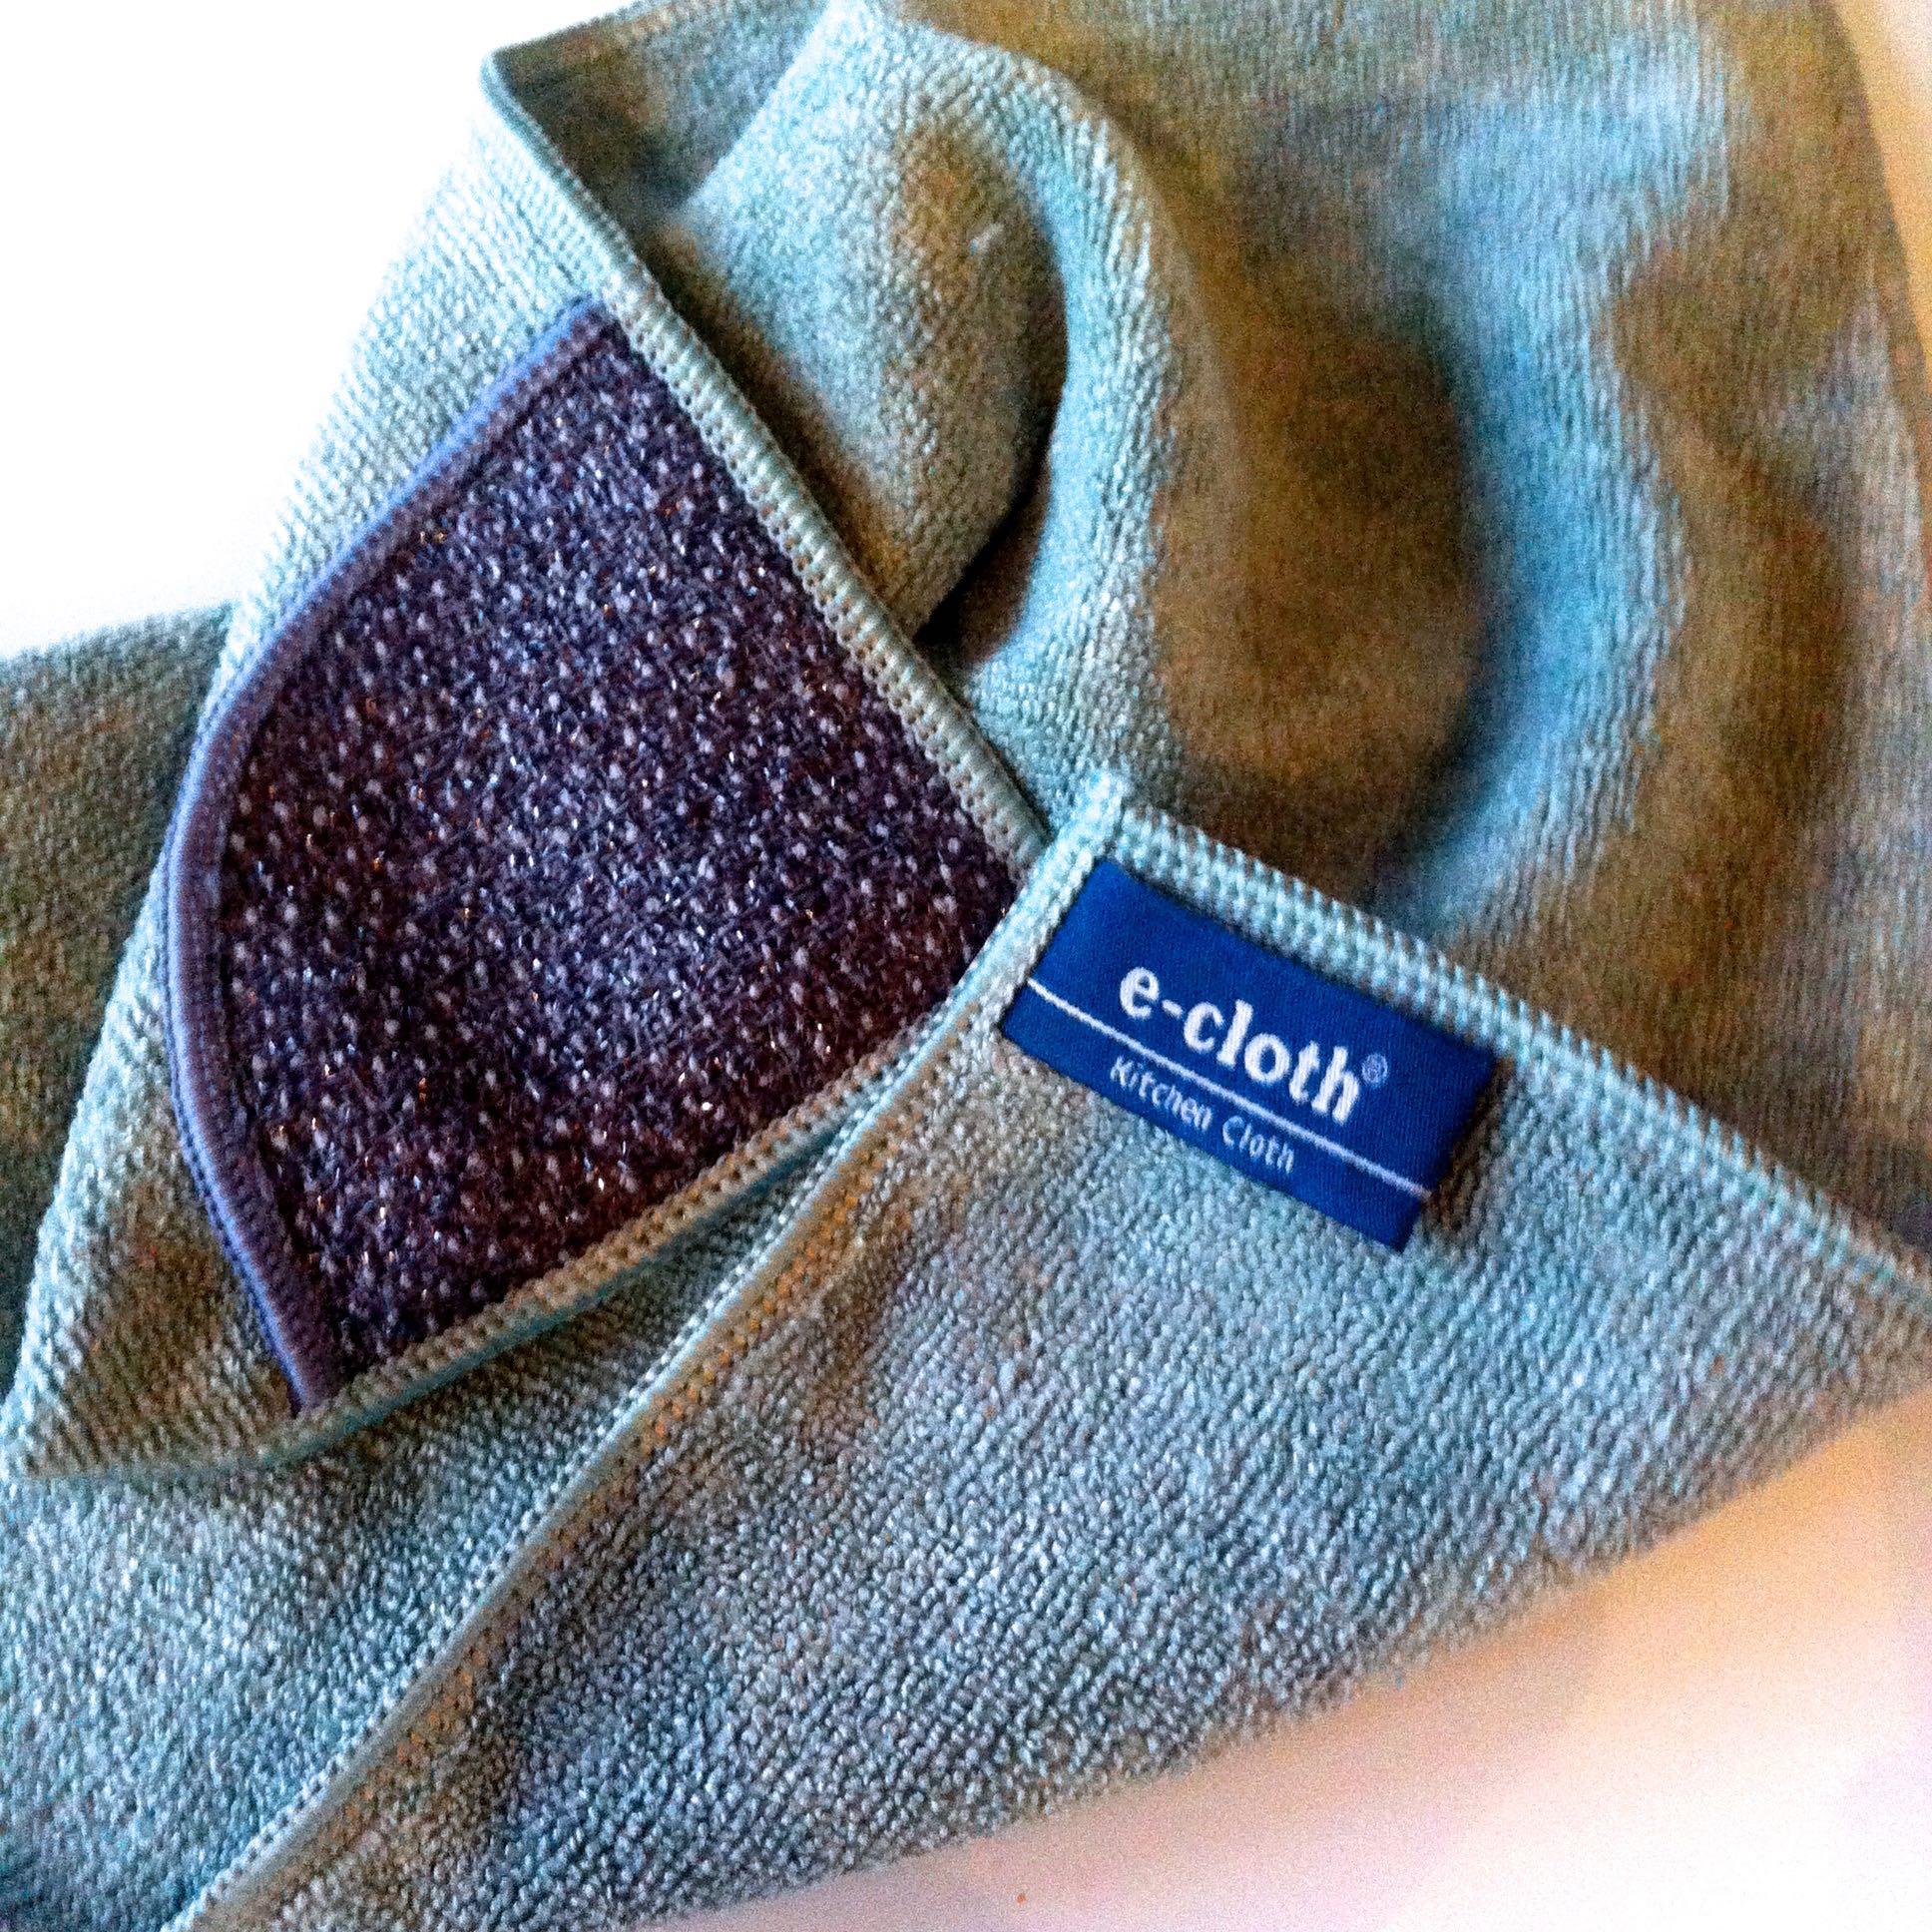 THE KITCHEN E-CLOTH - WITH A HANDY SCRUBBING CORNER